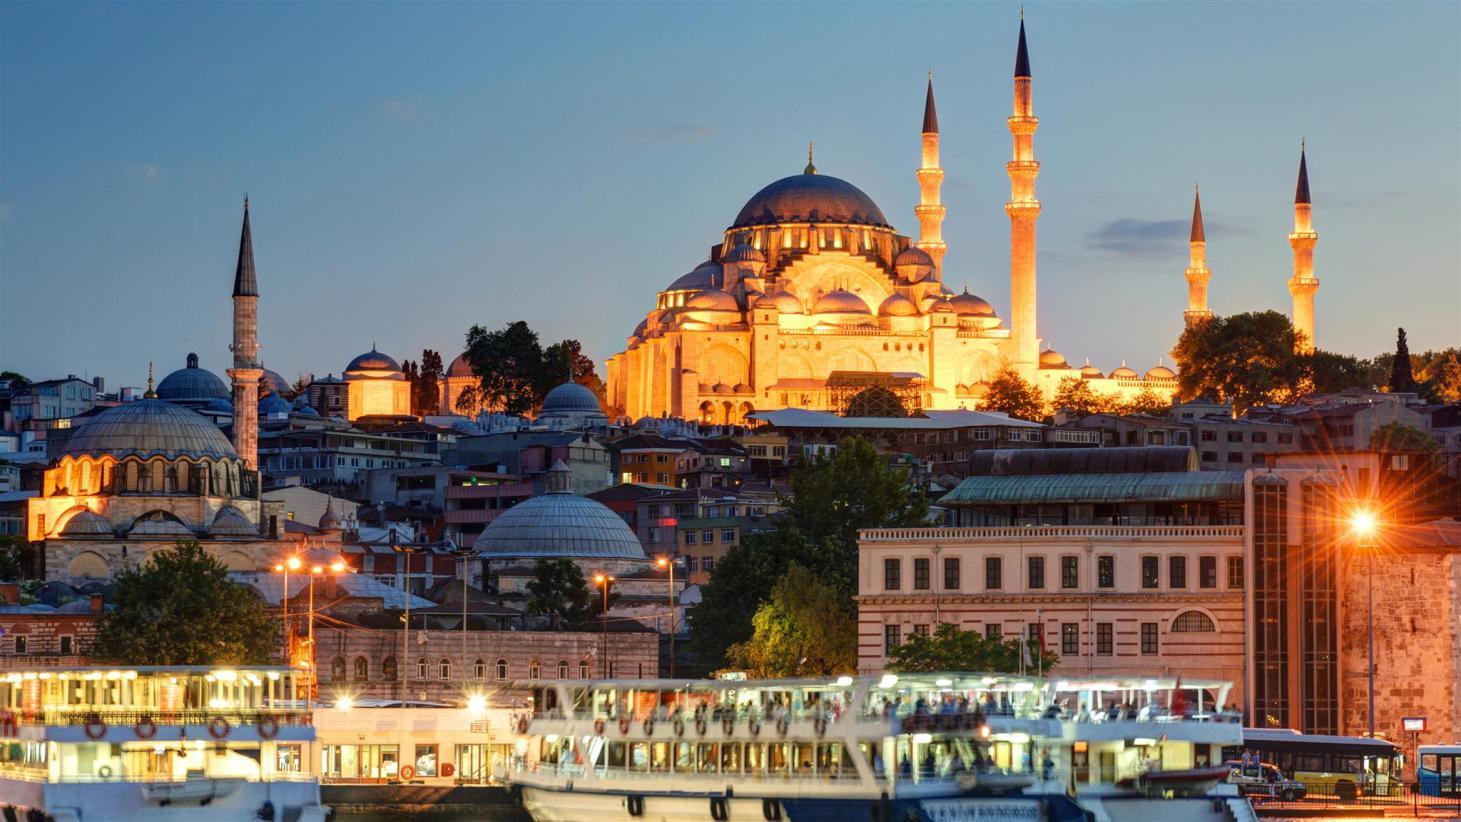 Visión nocturna de Estambul